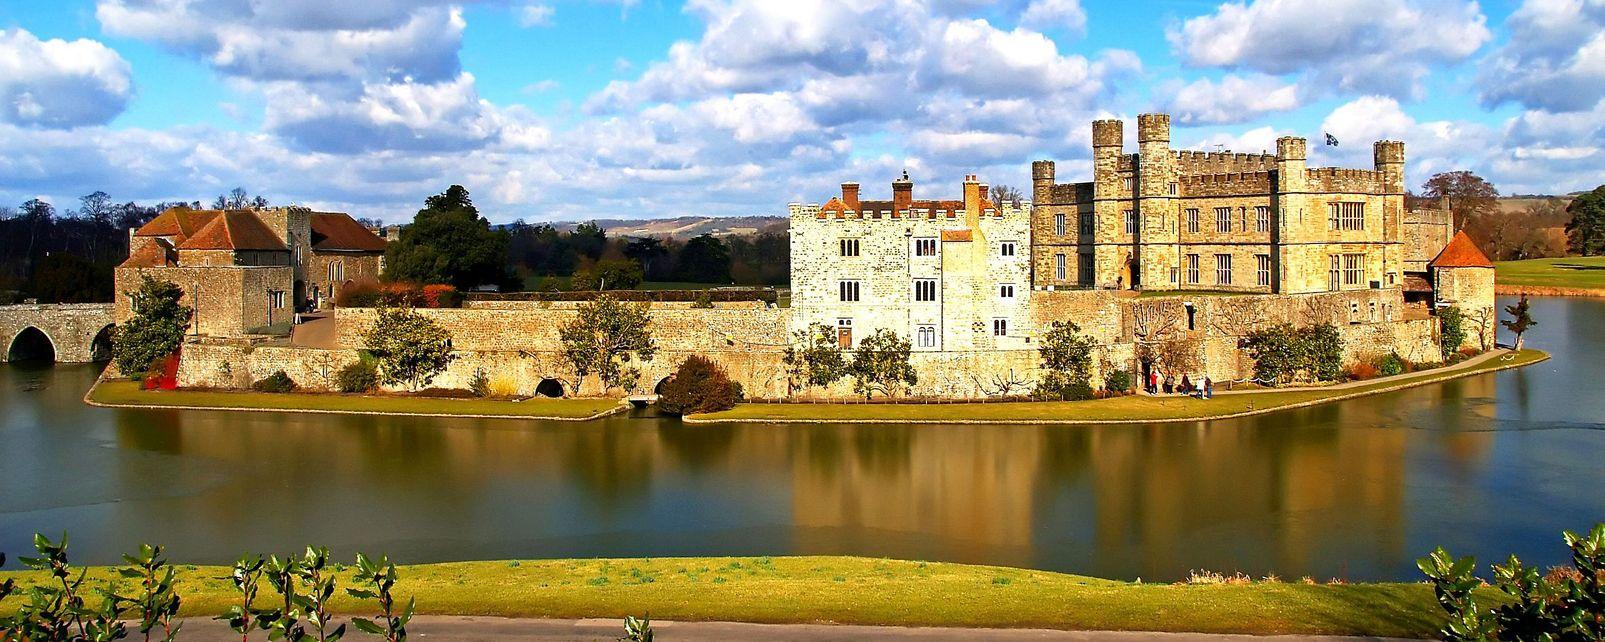 Le Château de Leeds , Royaume-Uni